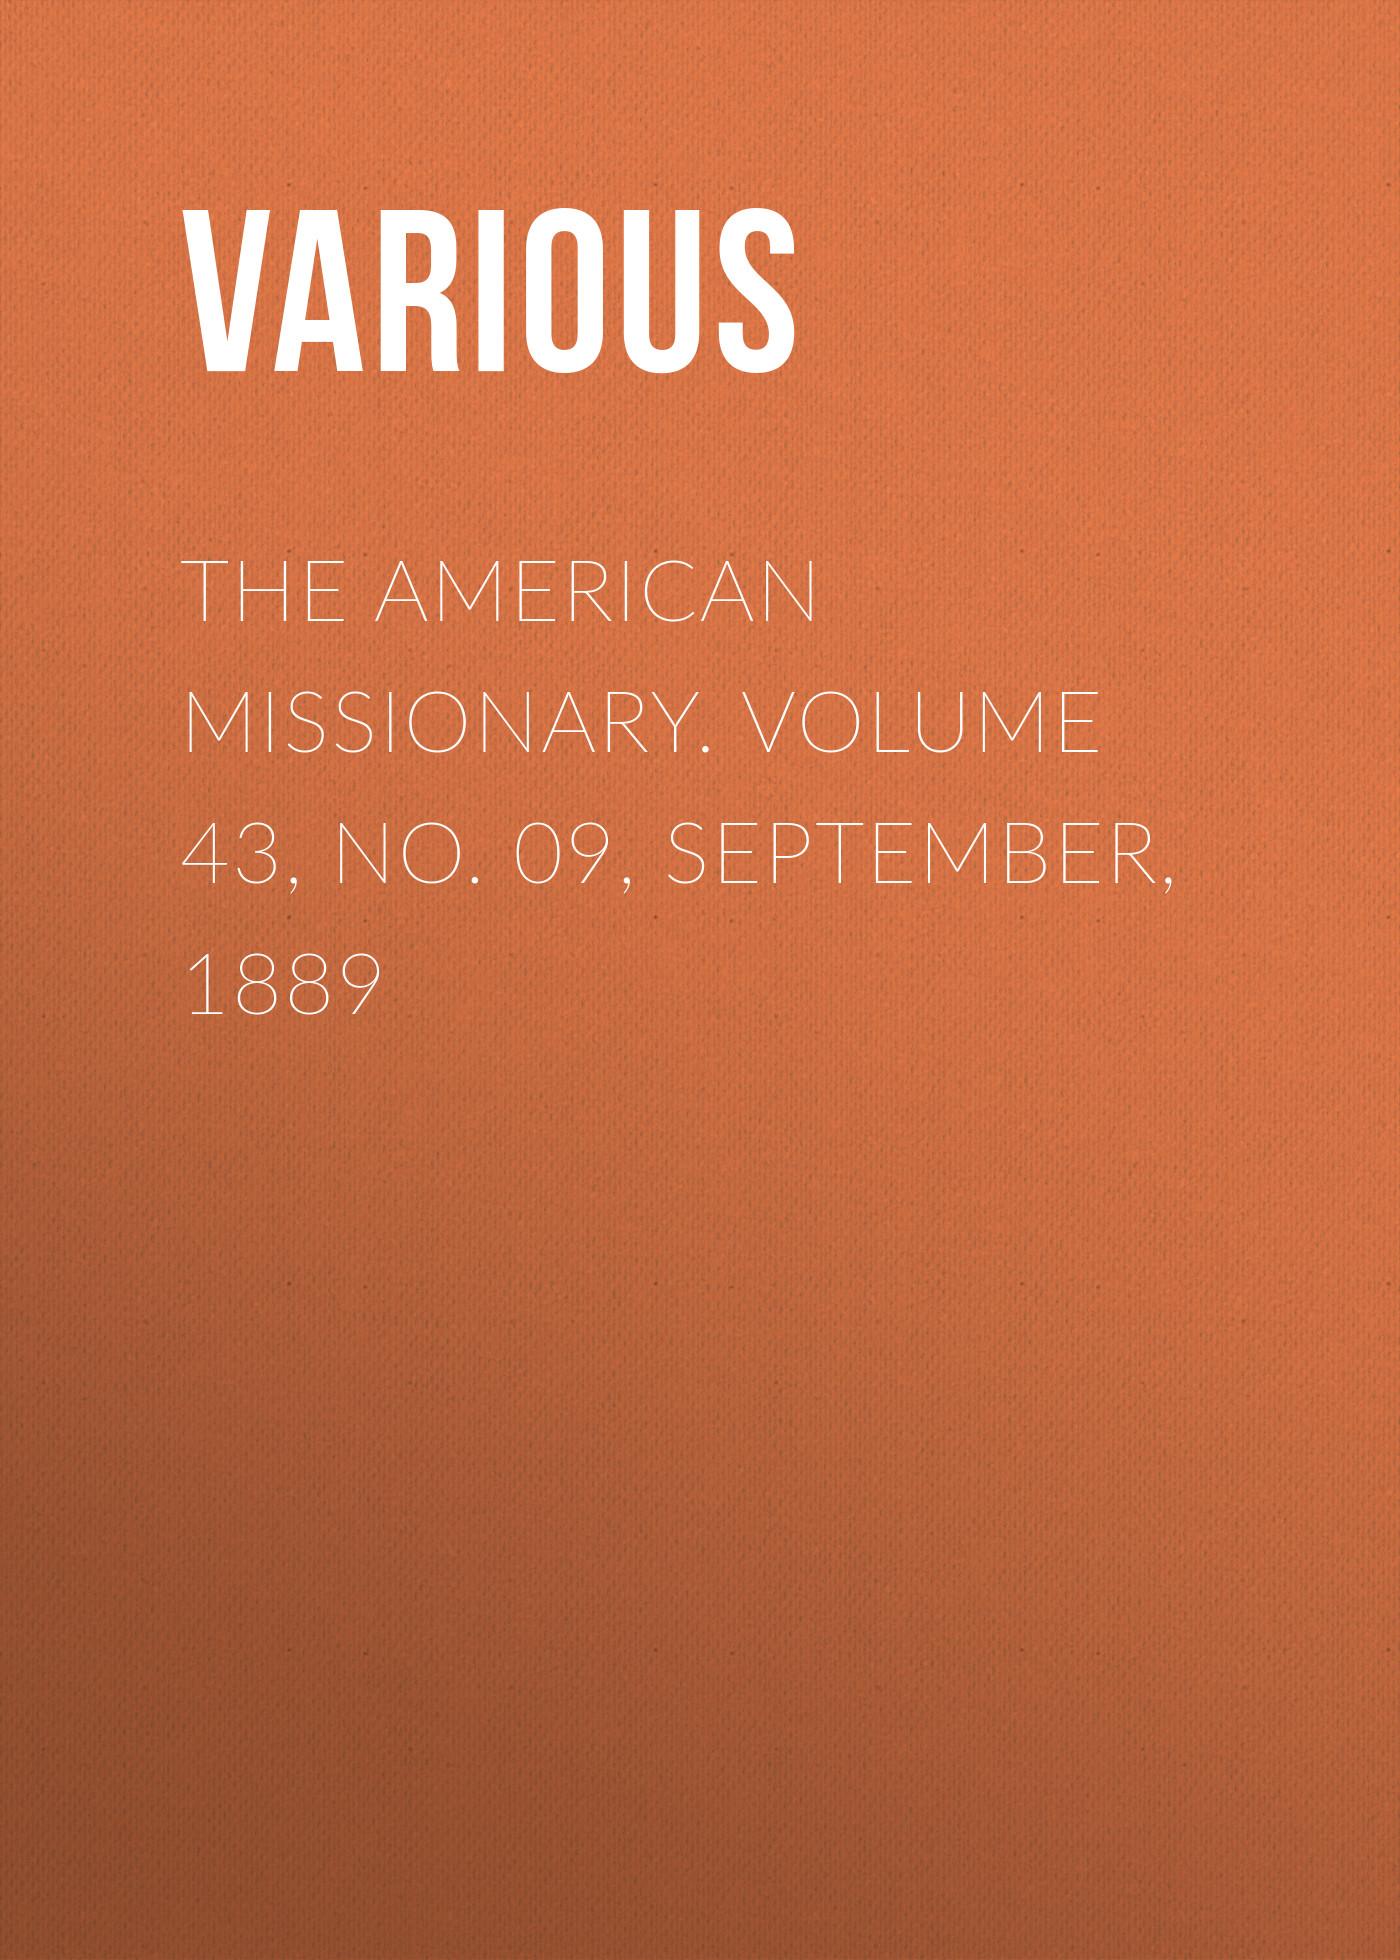 лучшая цена Various The American Missionary. Volume 43, No. 09, September, 1889